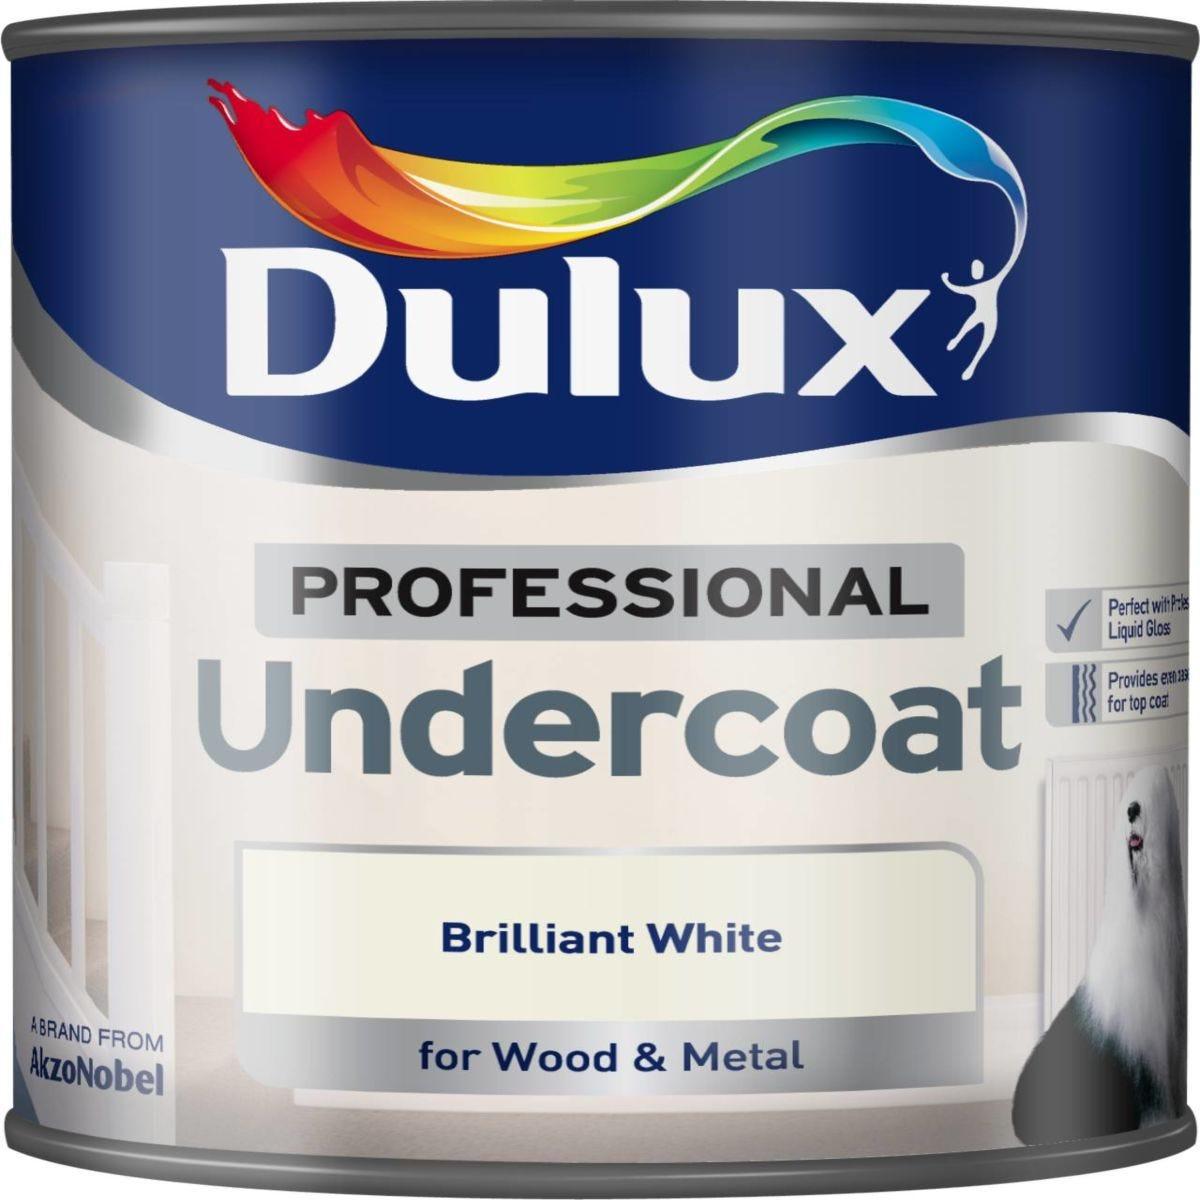 Dulux 0.75L Professional Paint Undercoat - Brilliant White